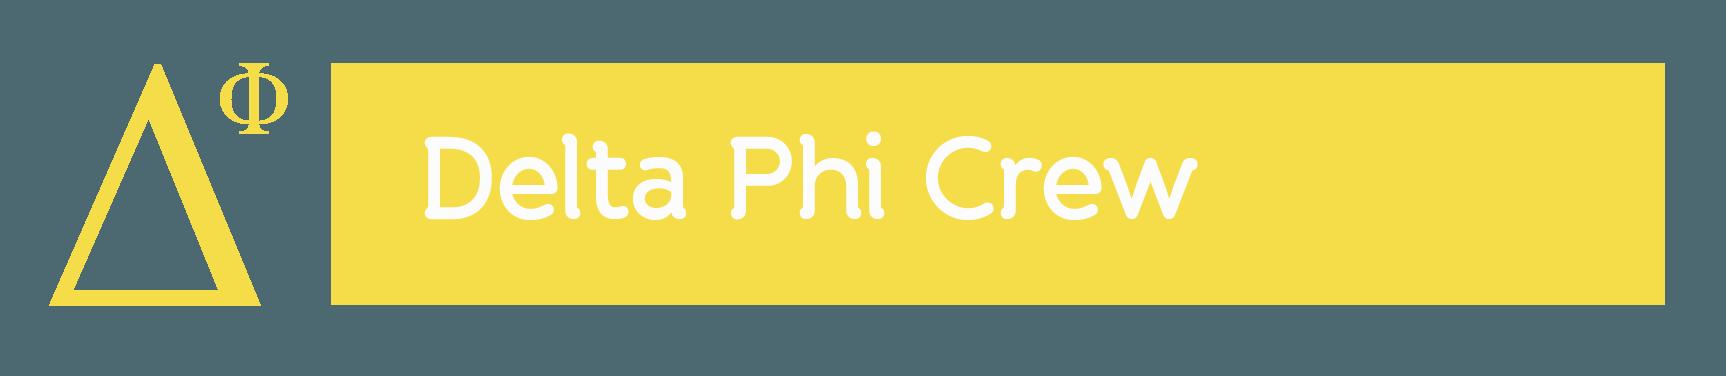 Delta Phi Crew